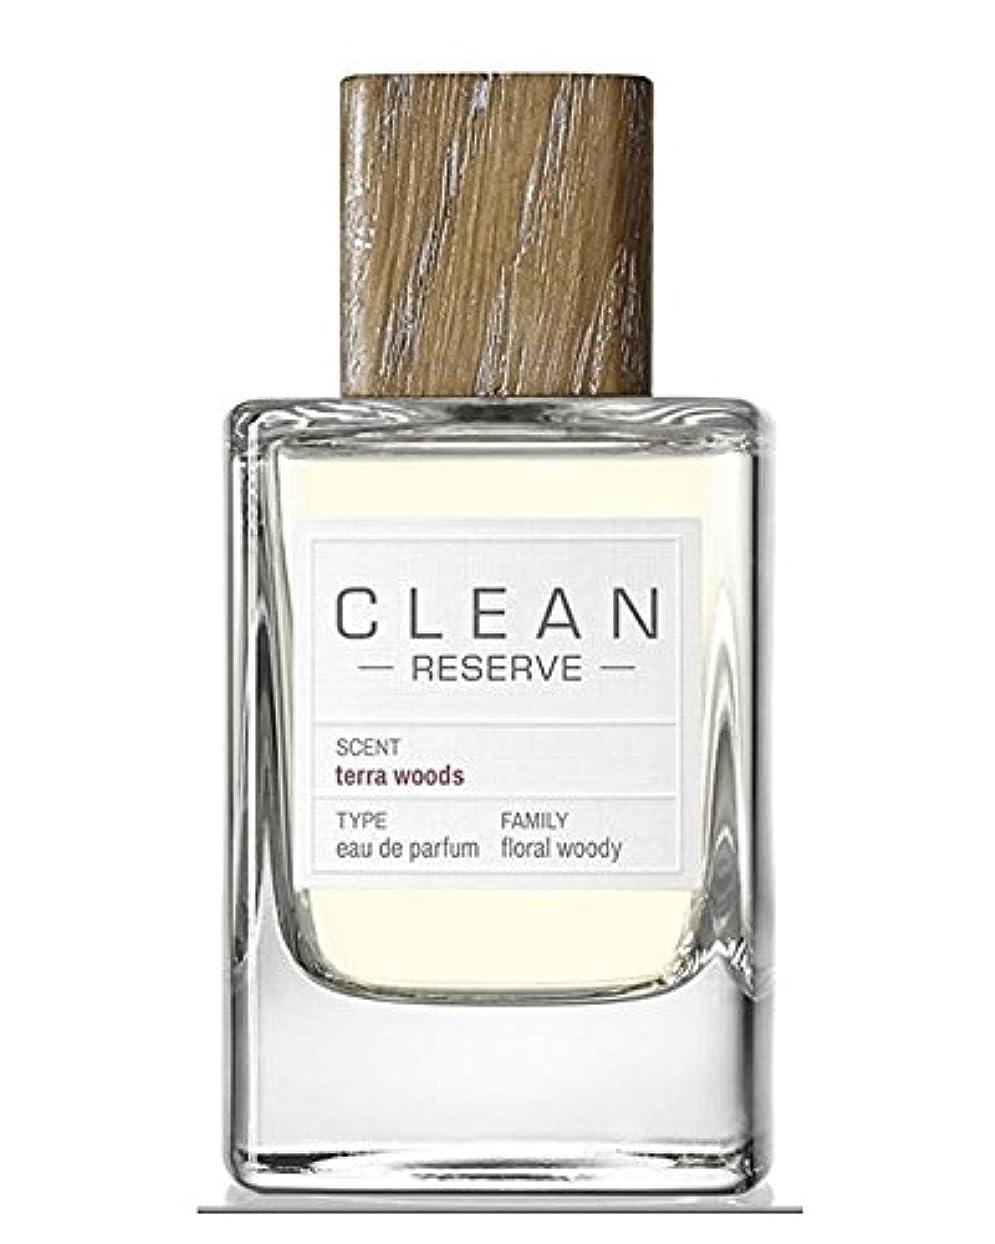 バンガローマナー属性◆【CLEAN】Unisex香水◆クリーン リザーブ テーラーウッド オードパルファムEDP 100ml◆